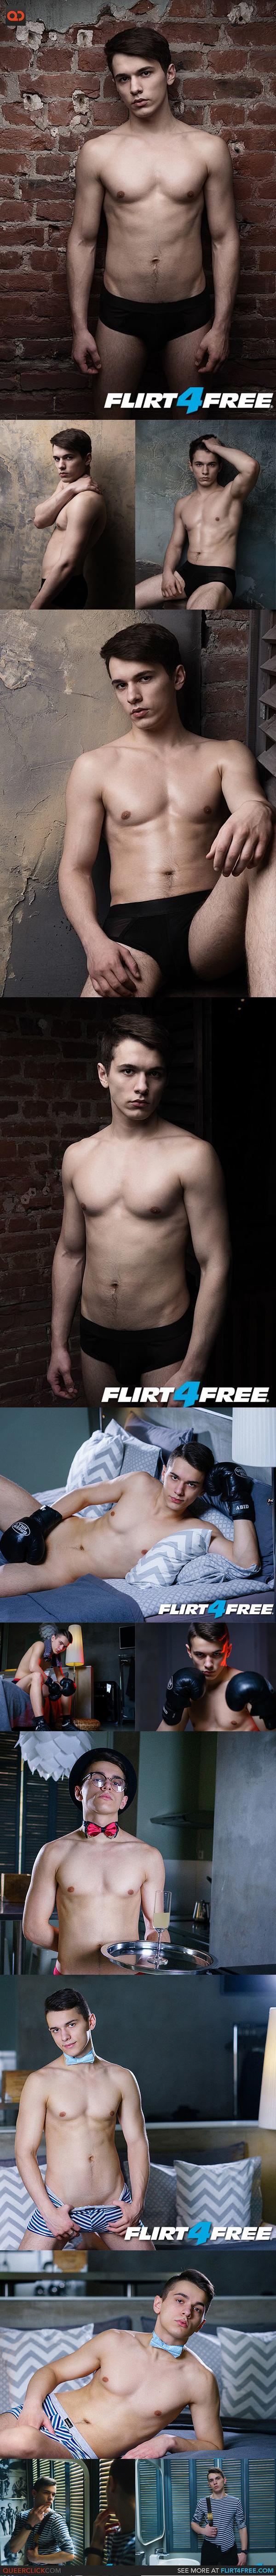 Flirt4Free: Marcus Chambers